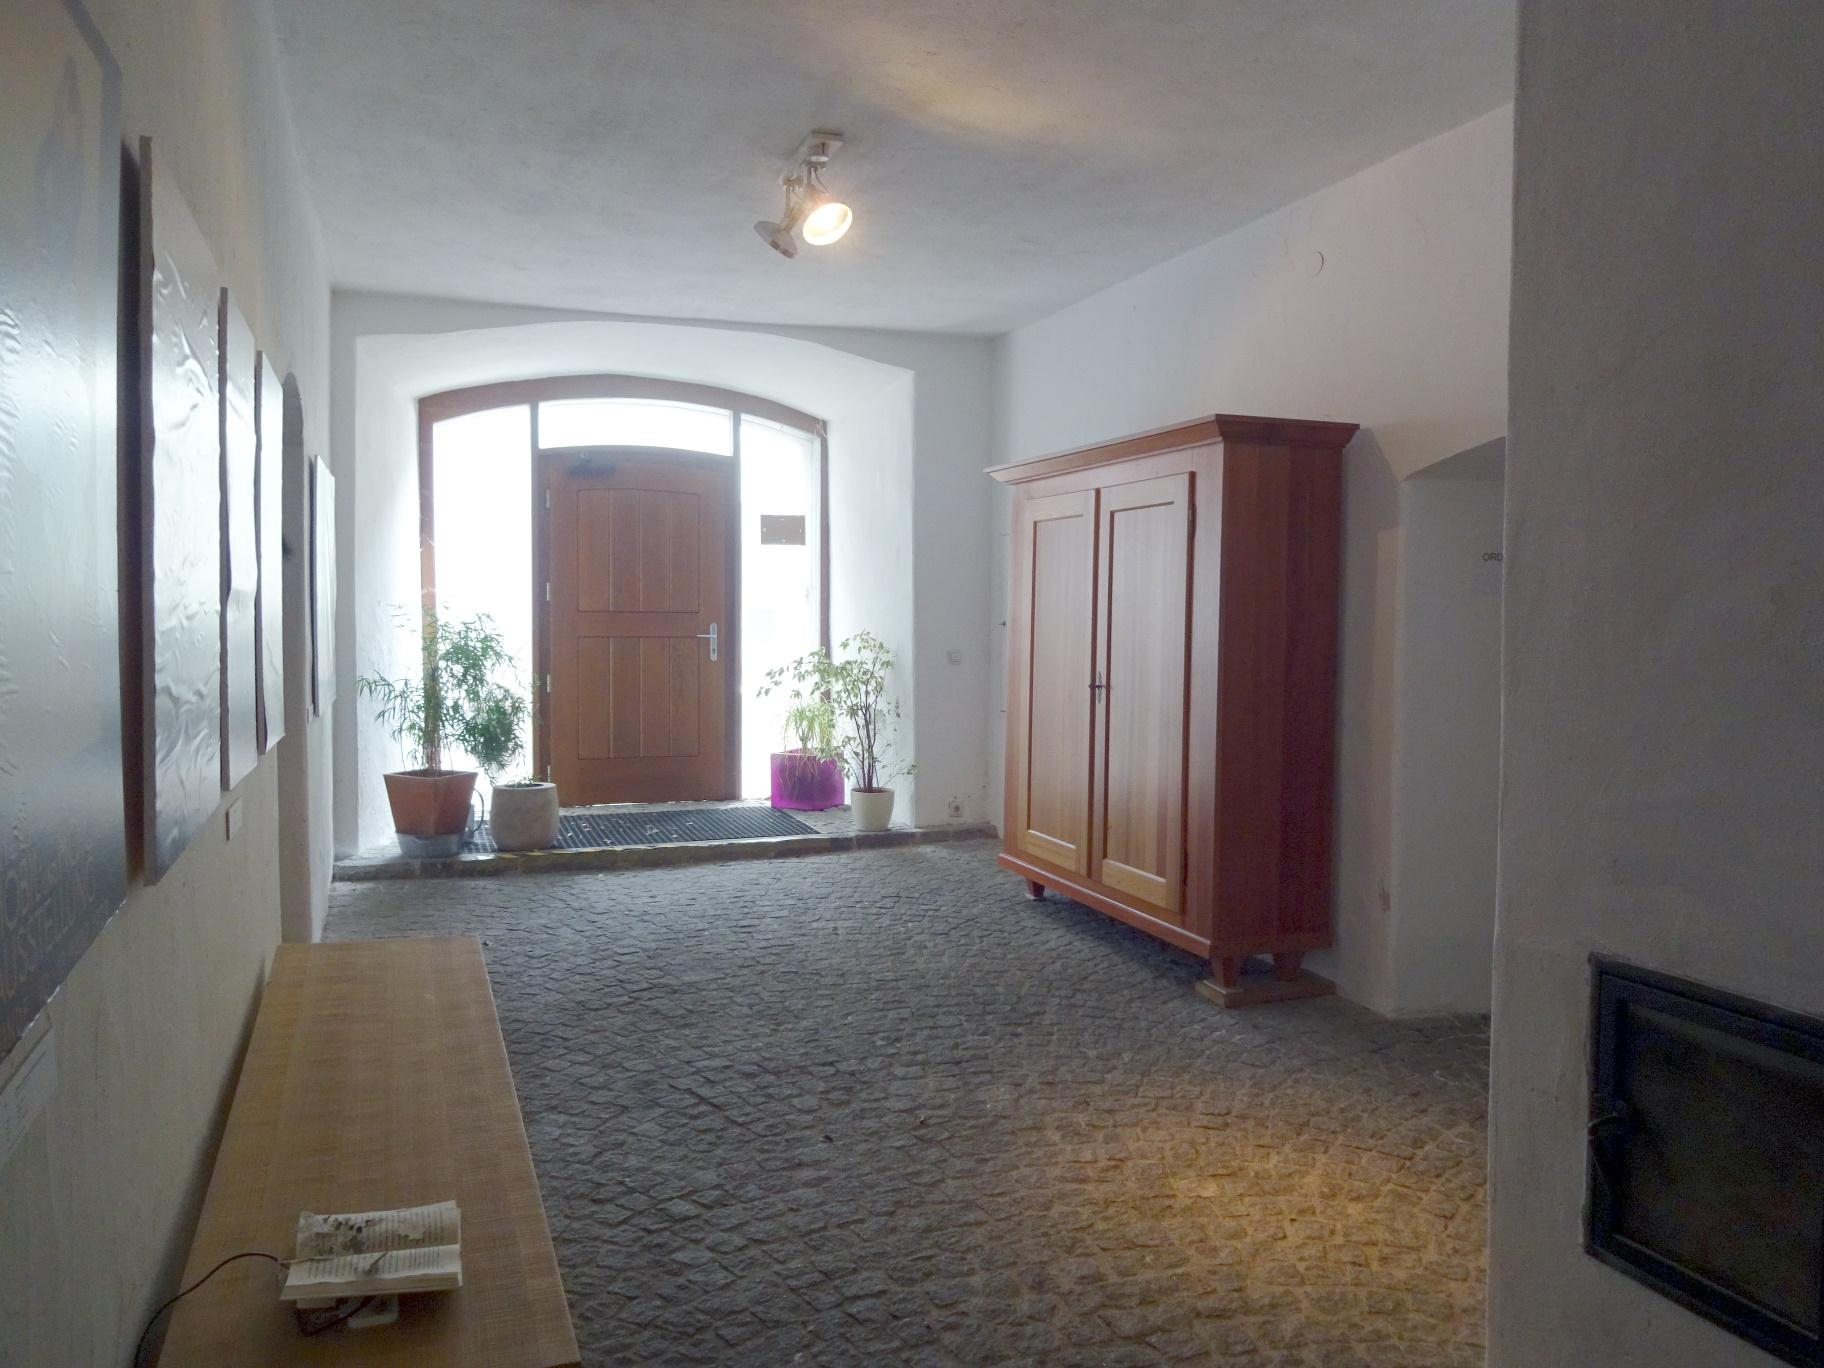 Büro mieten schottwien Neunkirchen wohntraum immobilien